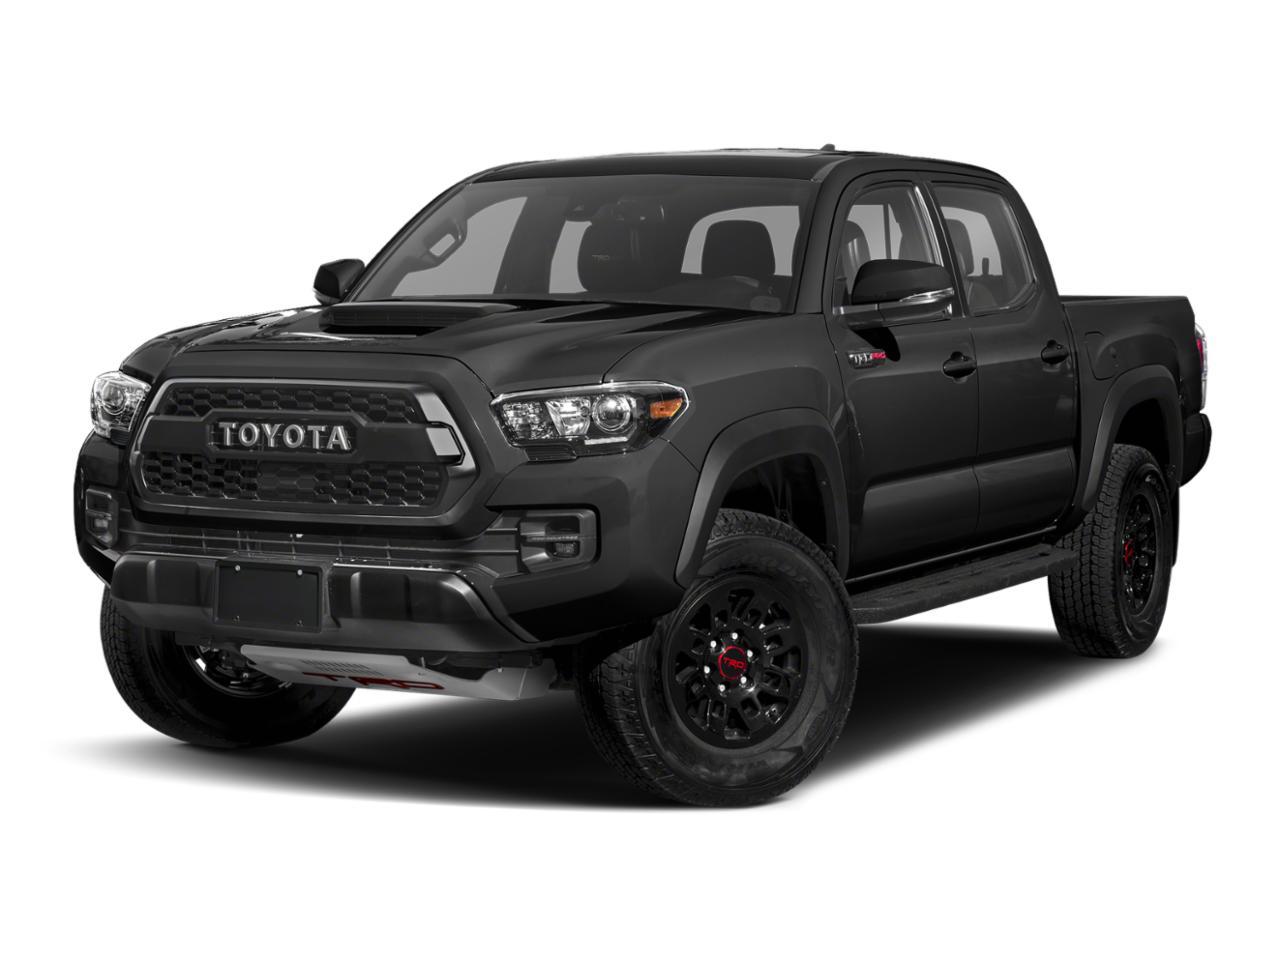 2019 Toyota Tacoma 4WD Vehicle Photo in Pawling, NY 12564-3219